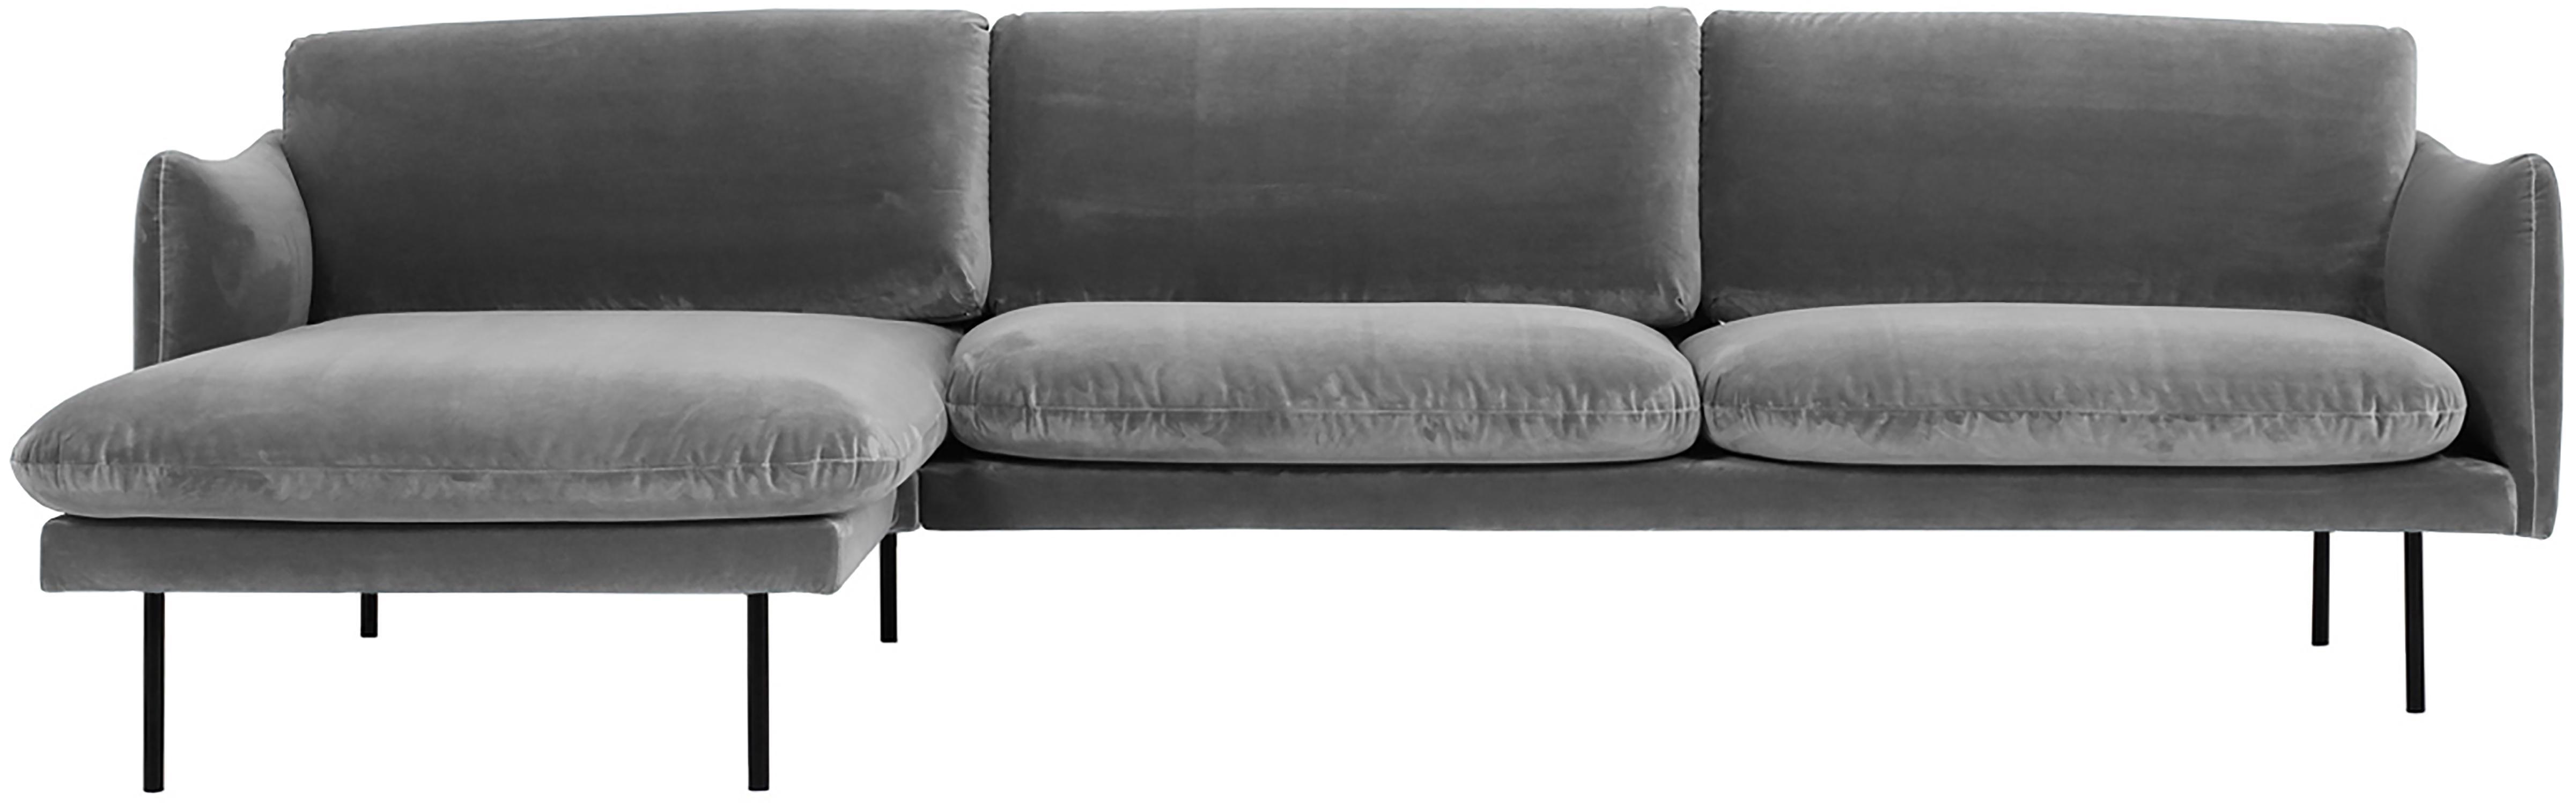 Divano angolare in velluto grigio Moby, Rivestimento: velluto (rivestimento in , Struttura: legno di pino massiccio, Piedini: metallo verniciato a polv, Velluto grigio, Larg. 280 x Prof. 160 cm